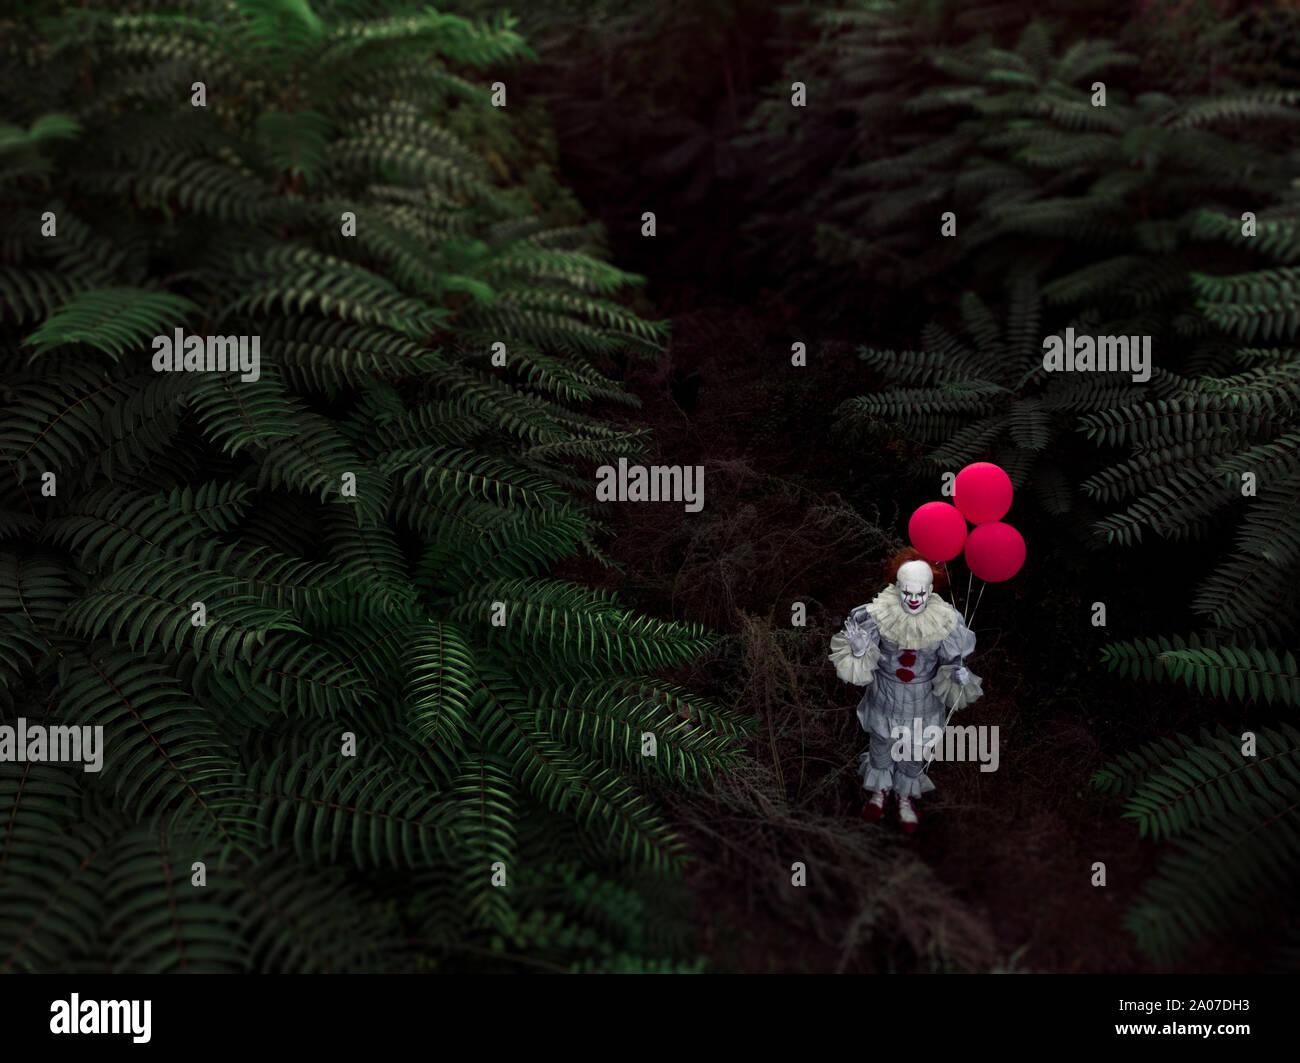 Un disparo de un Drone al hombre a la imagen de un payaso con globos rojos en su mano en el bosque. Foto de stock